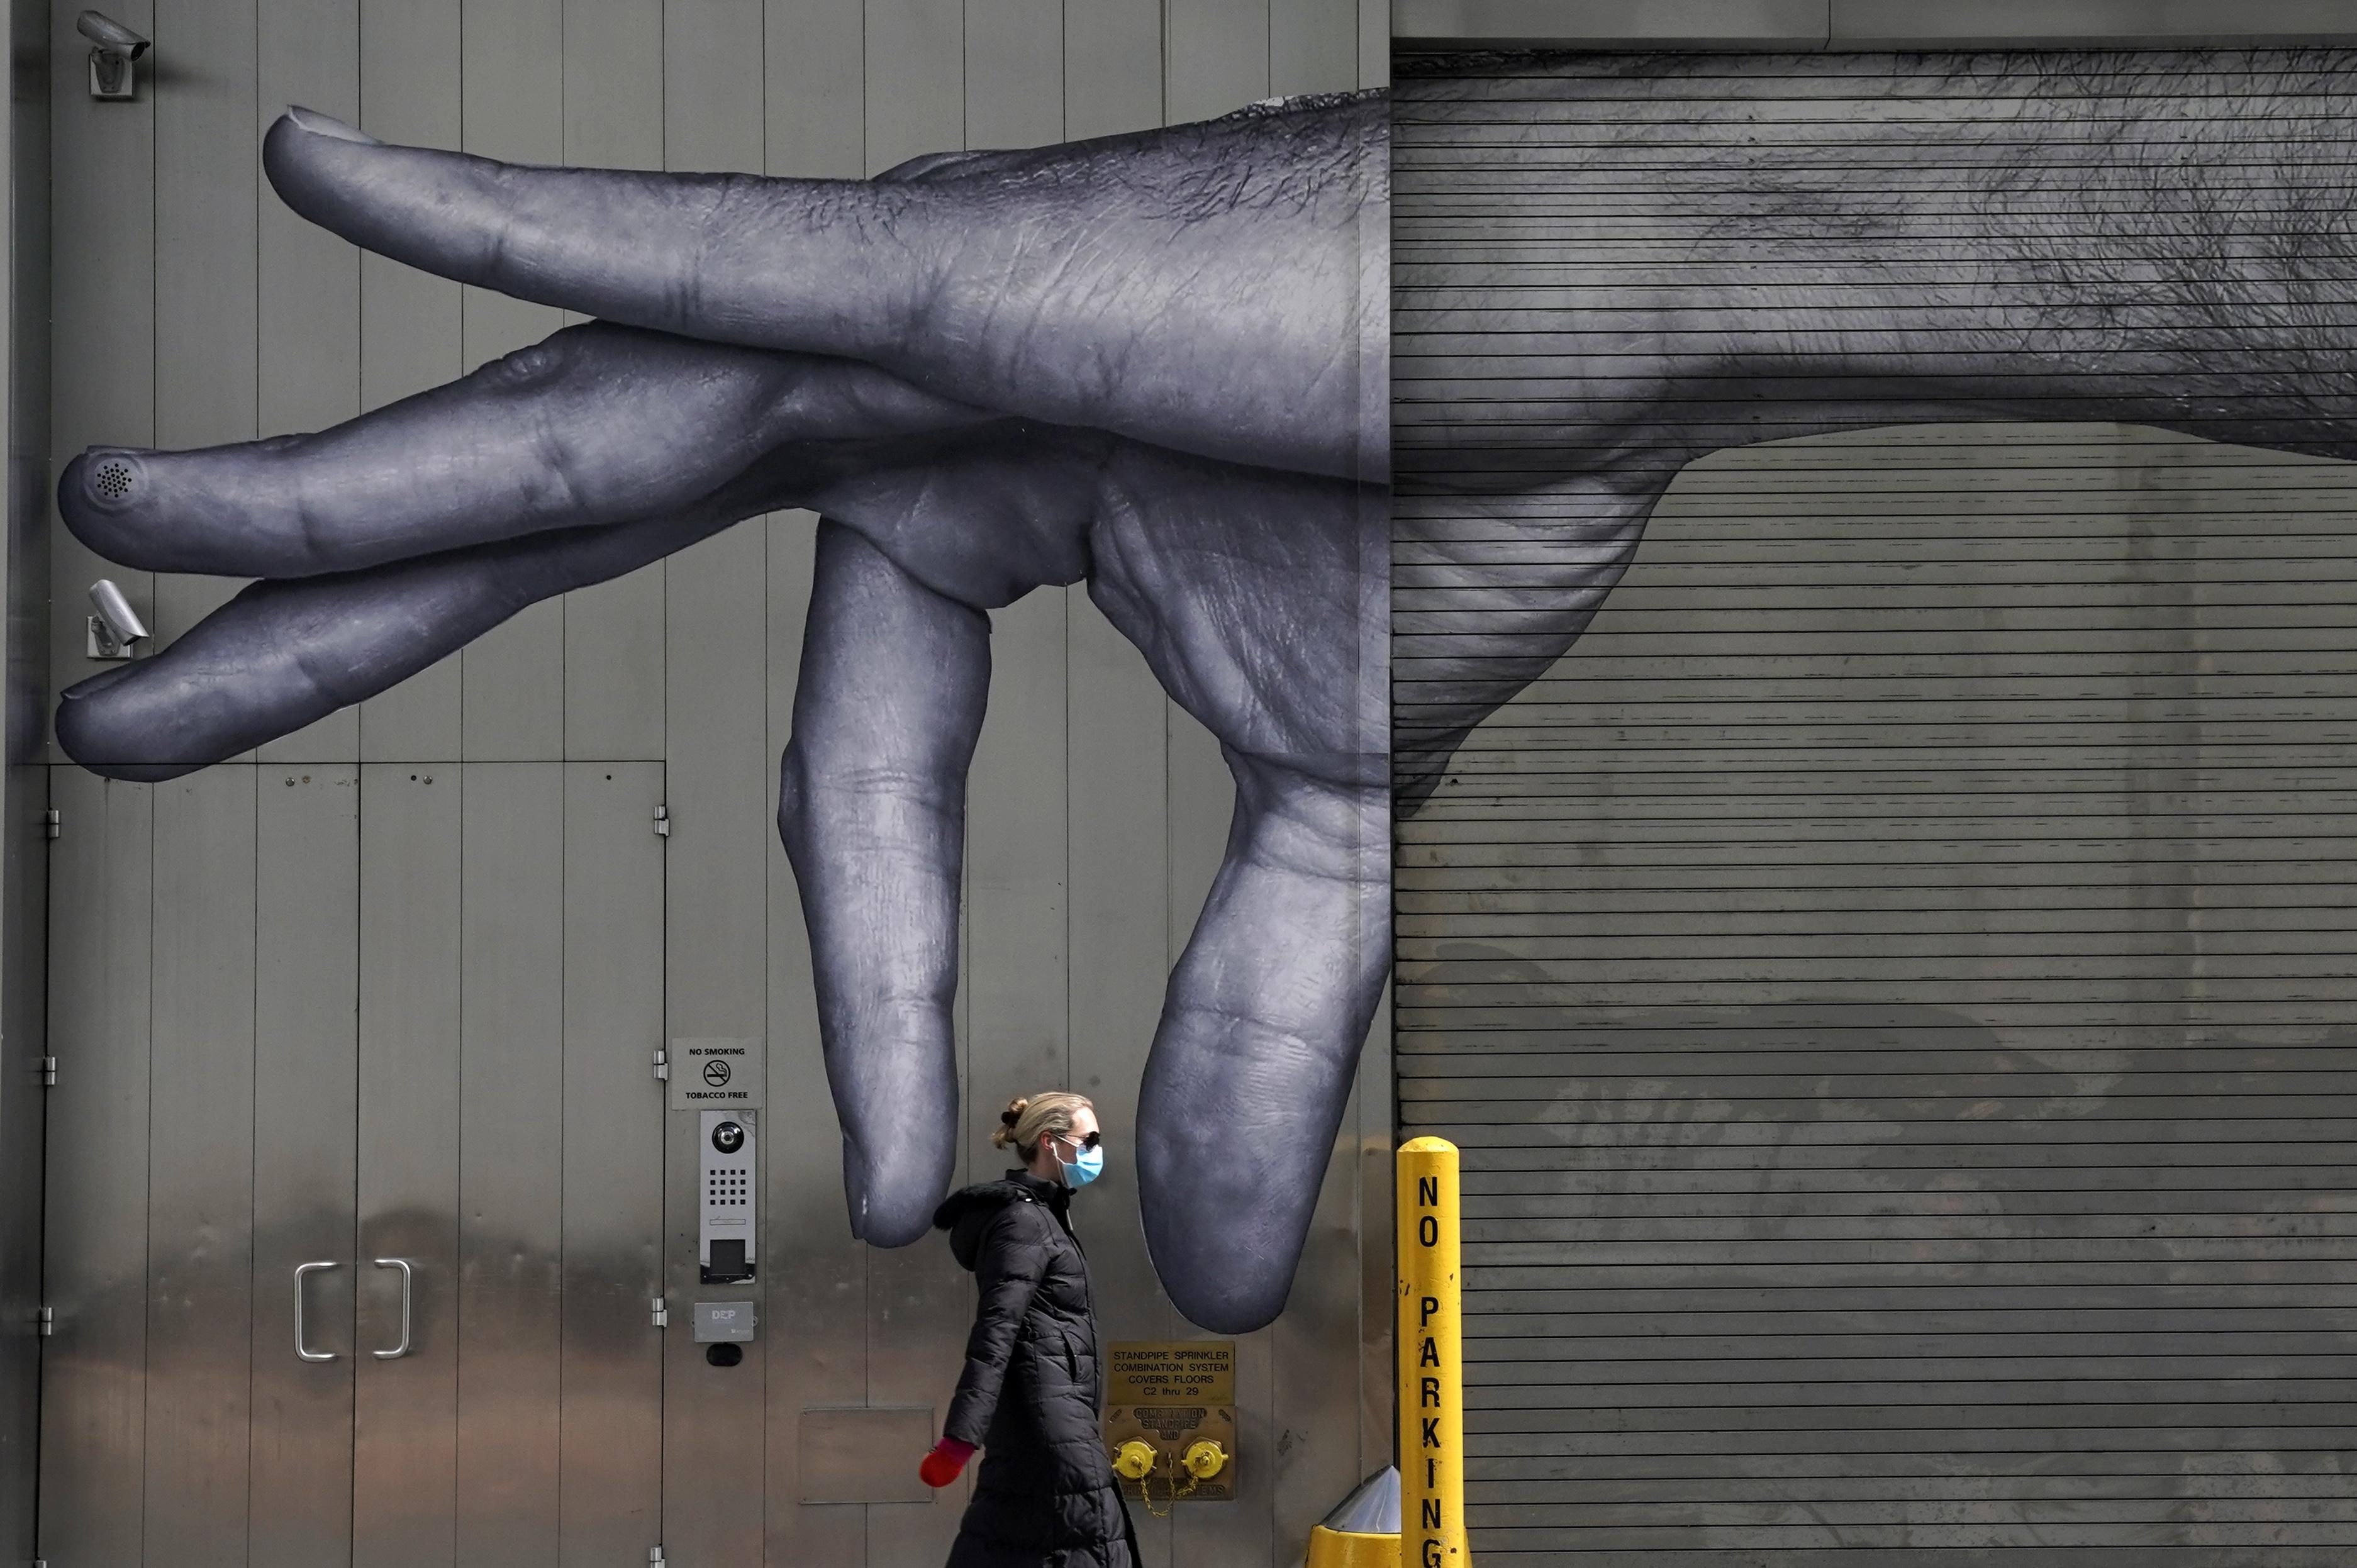 Una mujer con tapabocas pasa junto a un mural en Midtown, Nueva York.